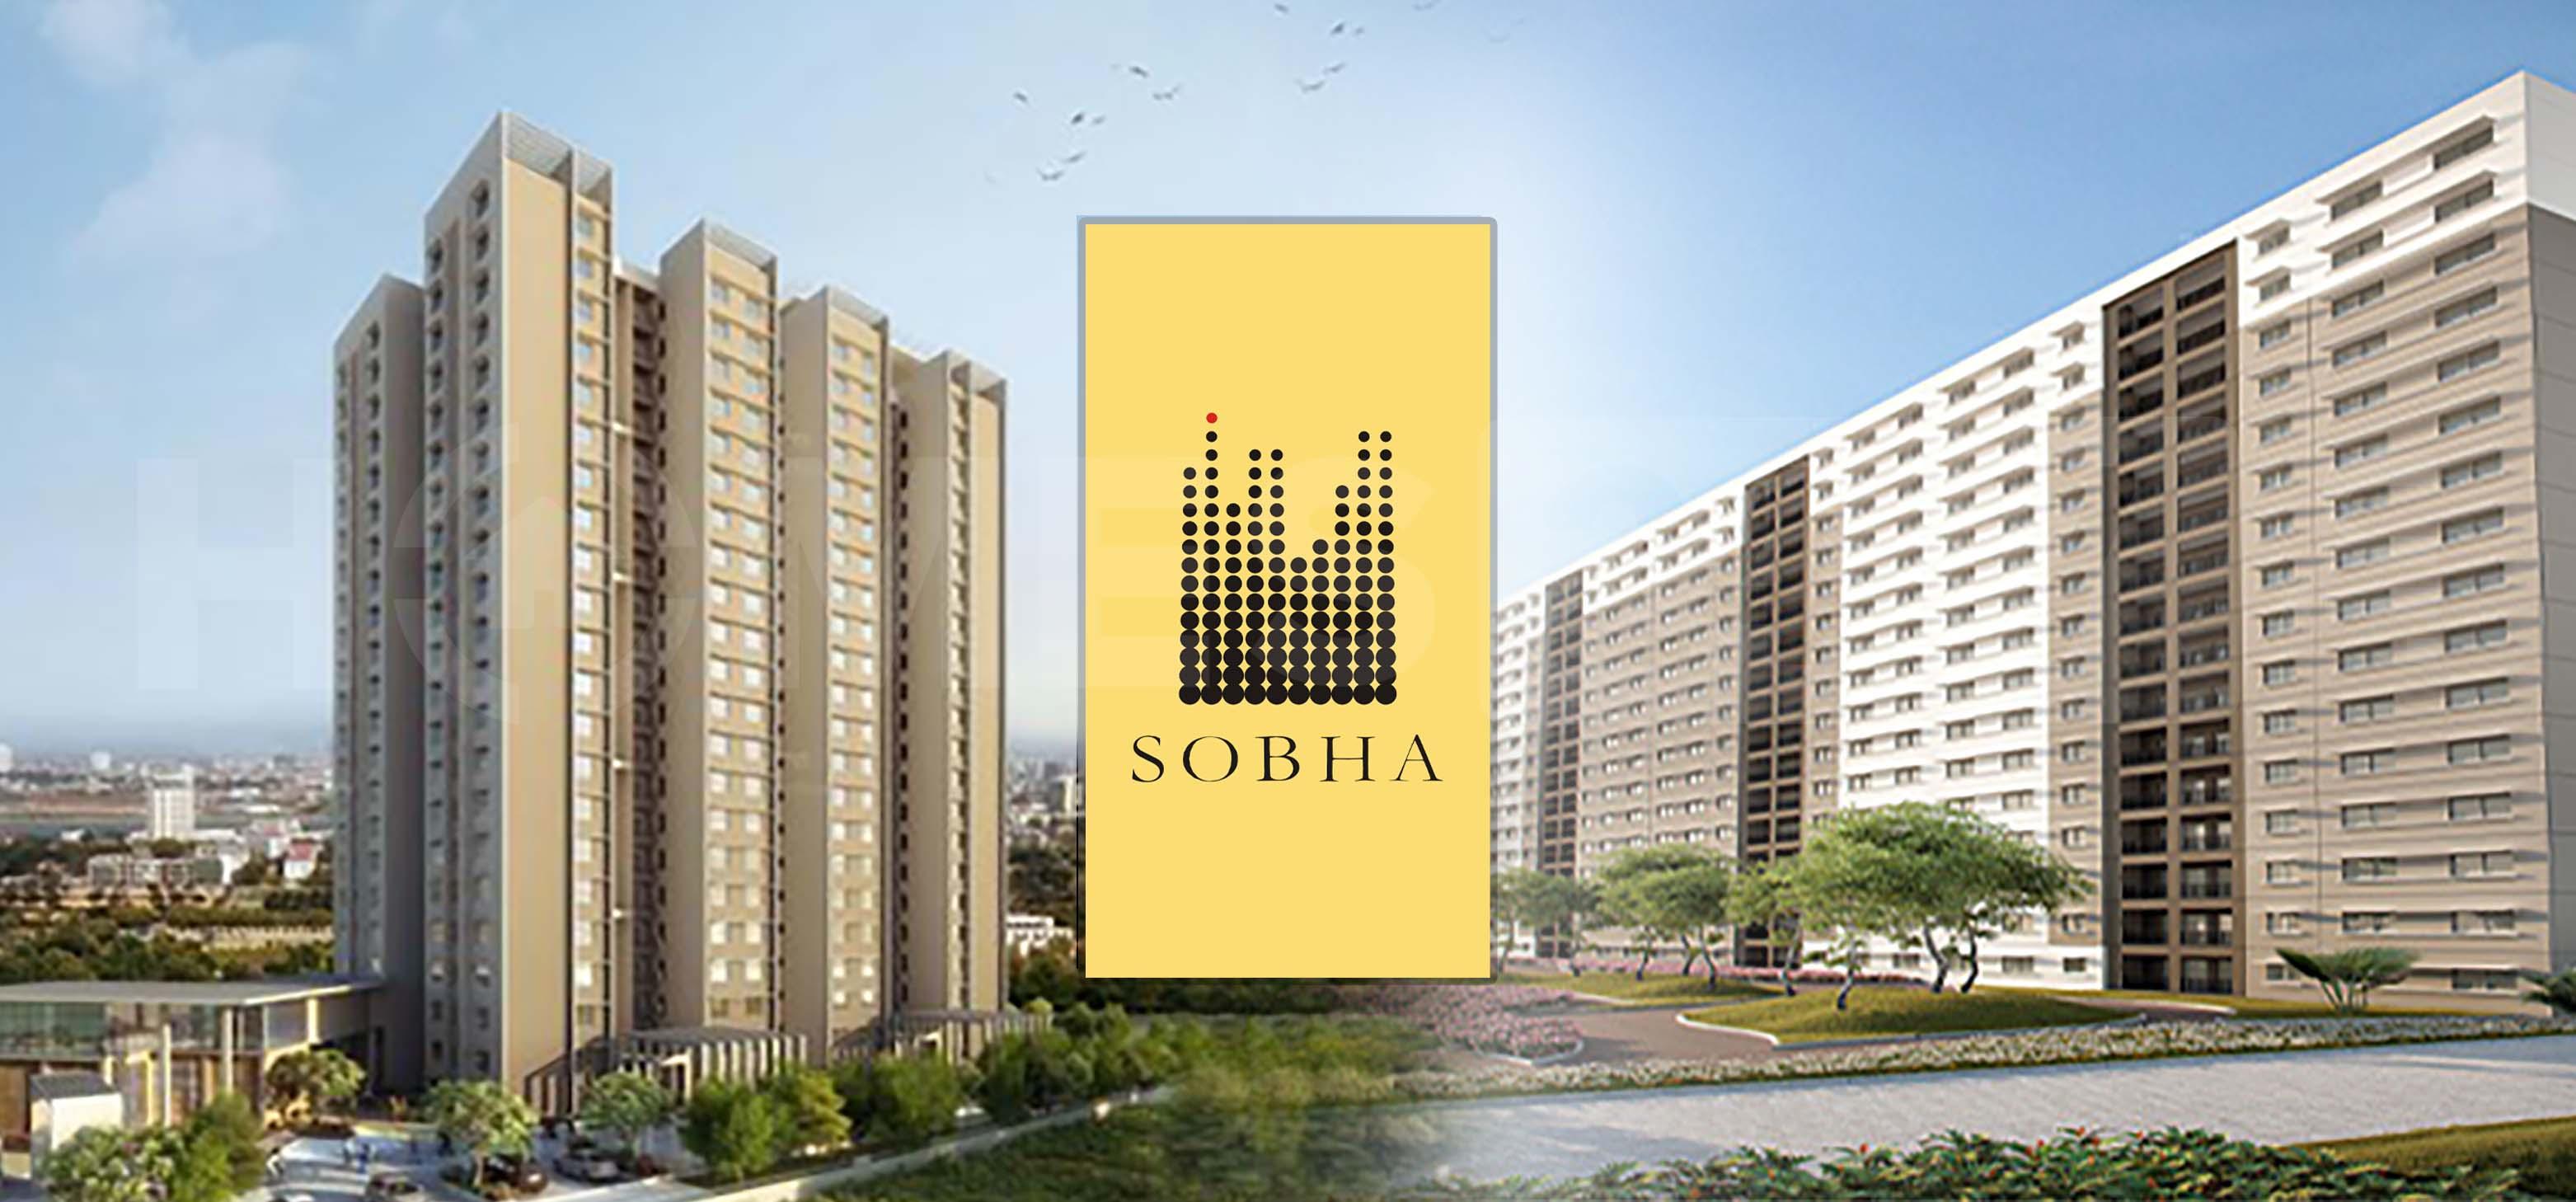 Sobha LImited